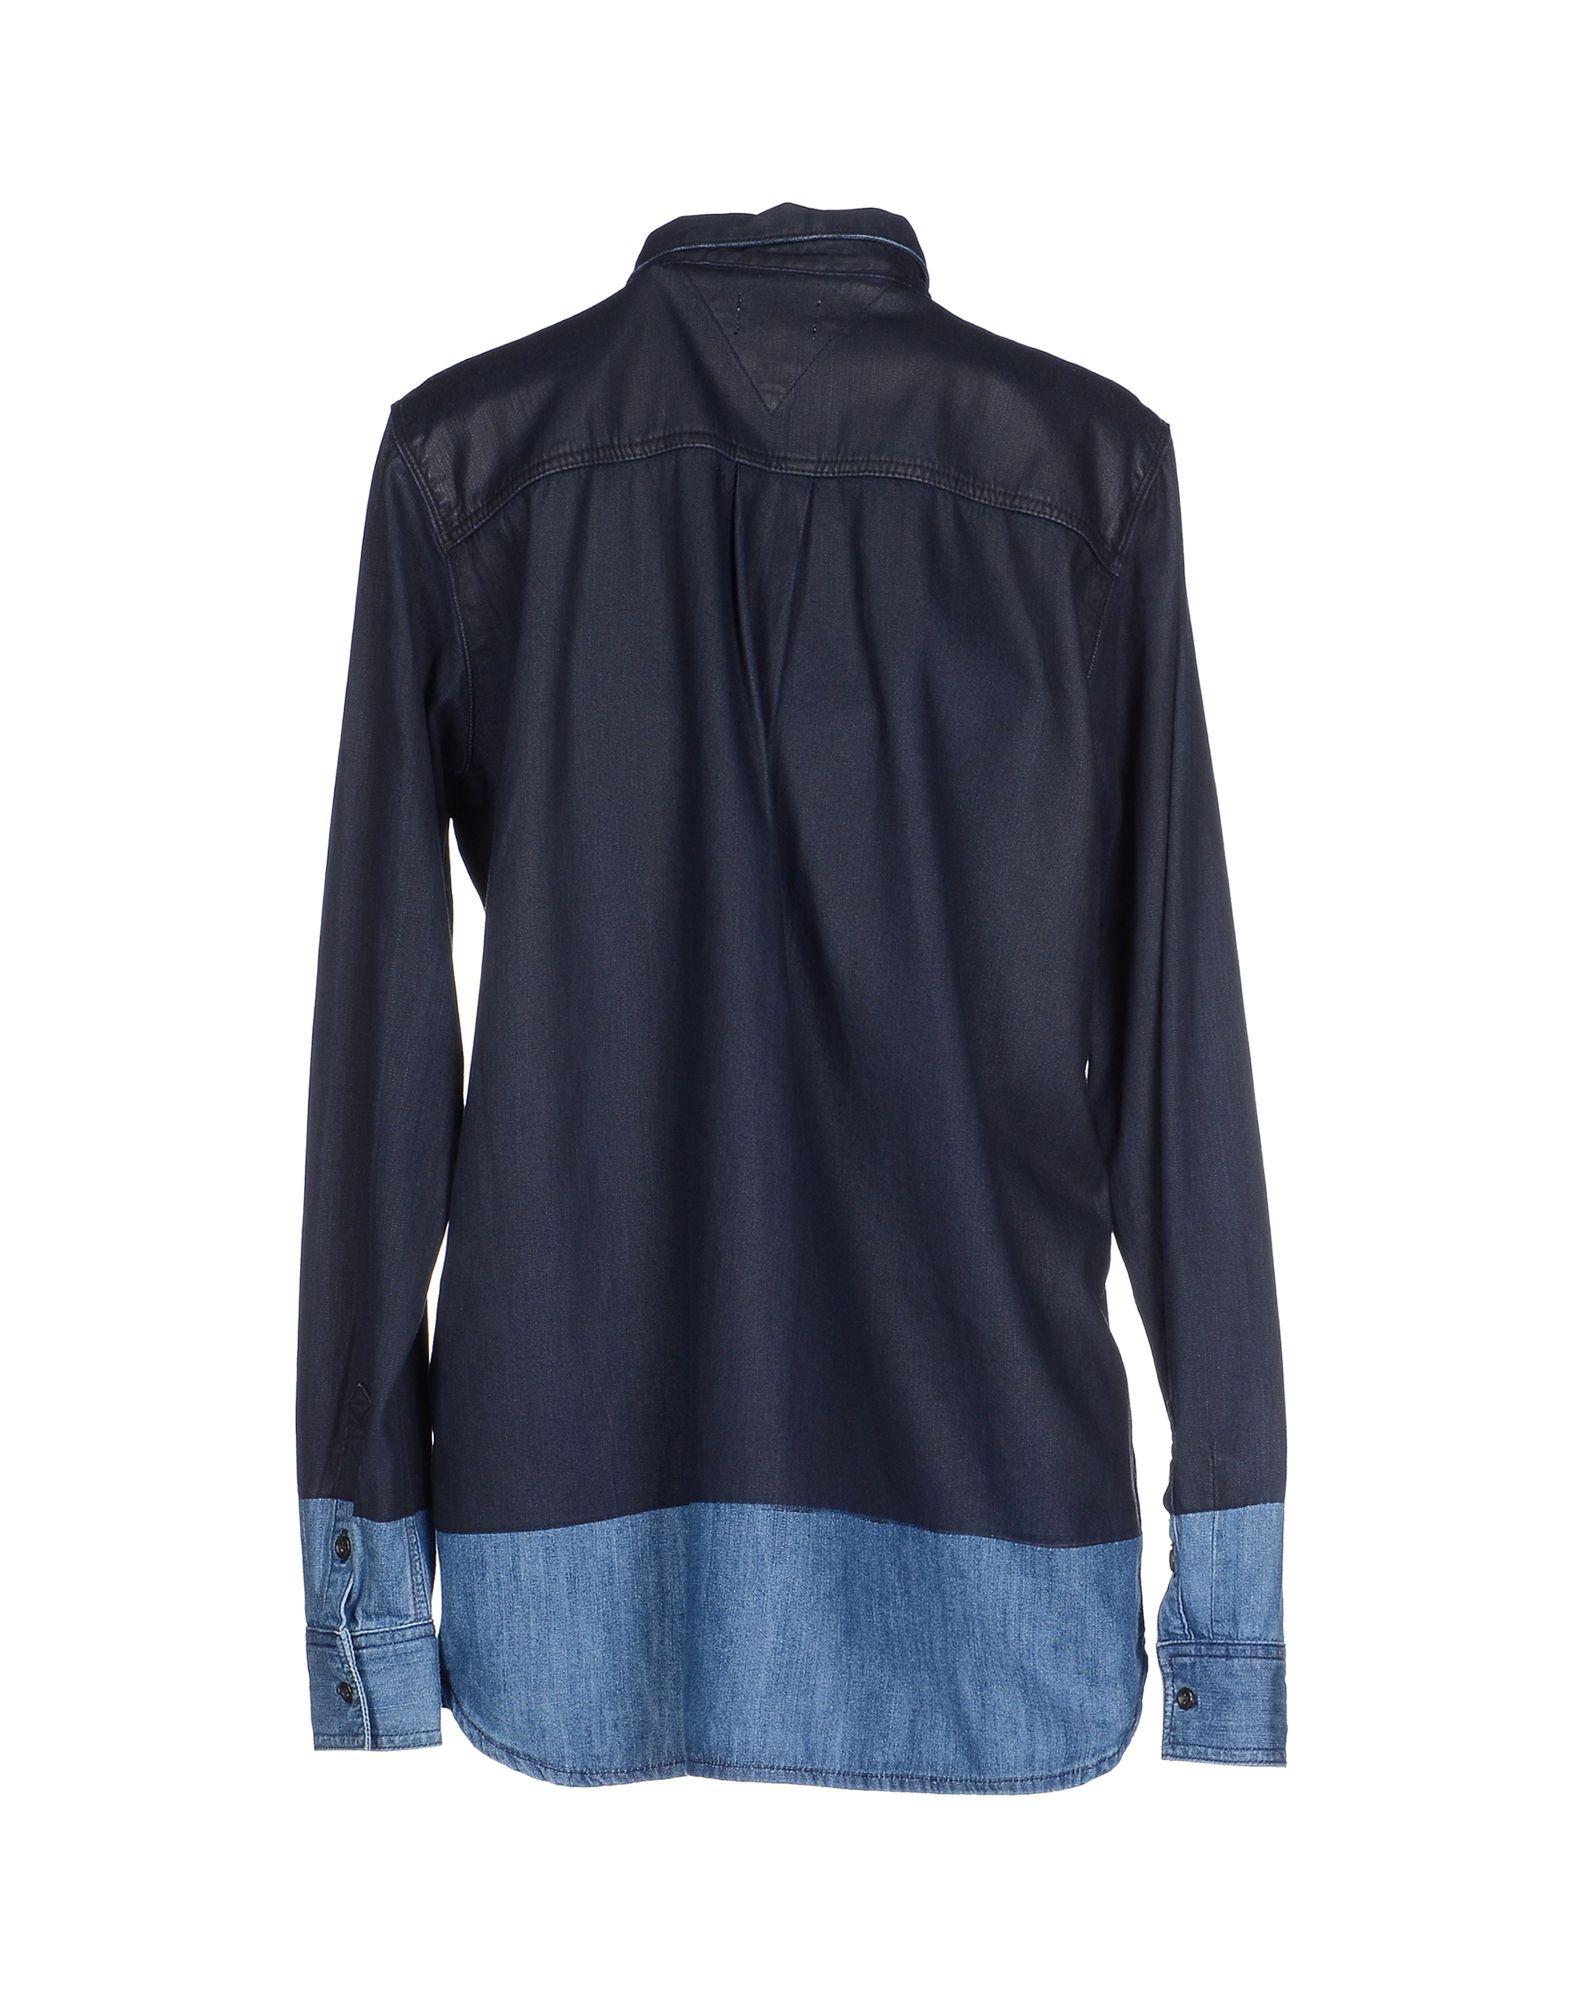 tommy hilfiger denim denim shirt in blue for men lyst. Black Bedroom Furniture Sets. Home Design Ideas